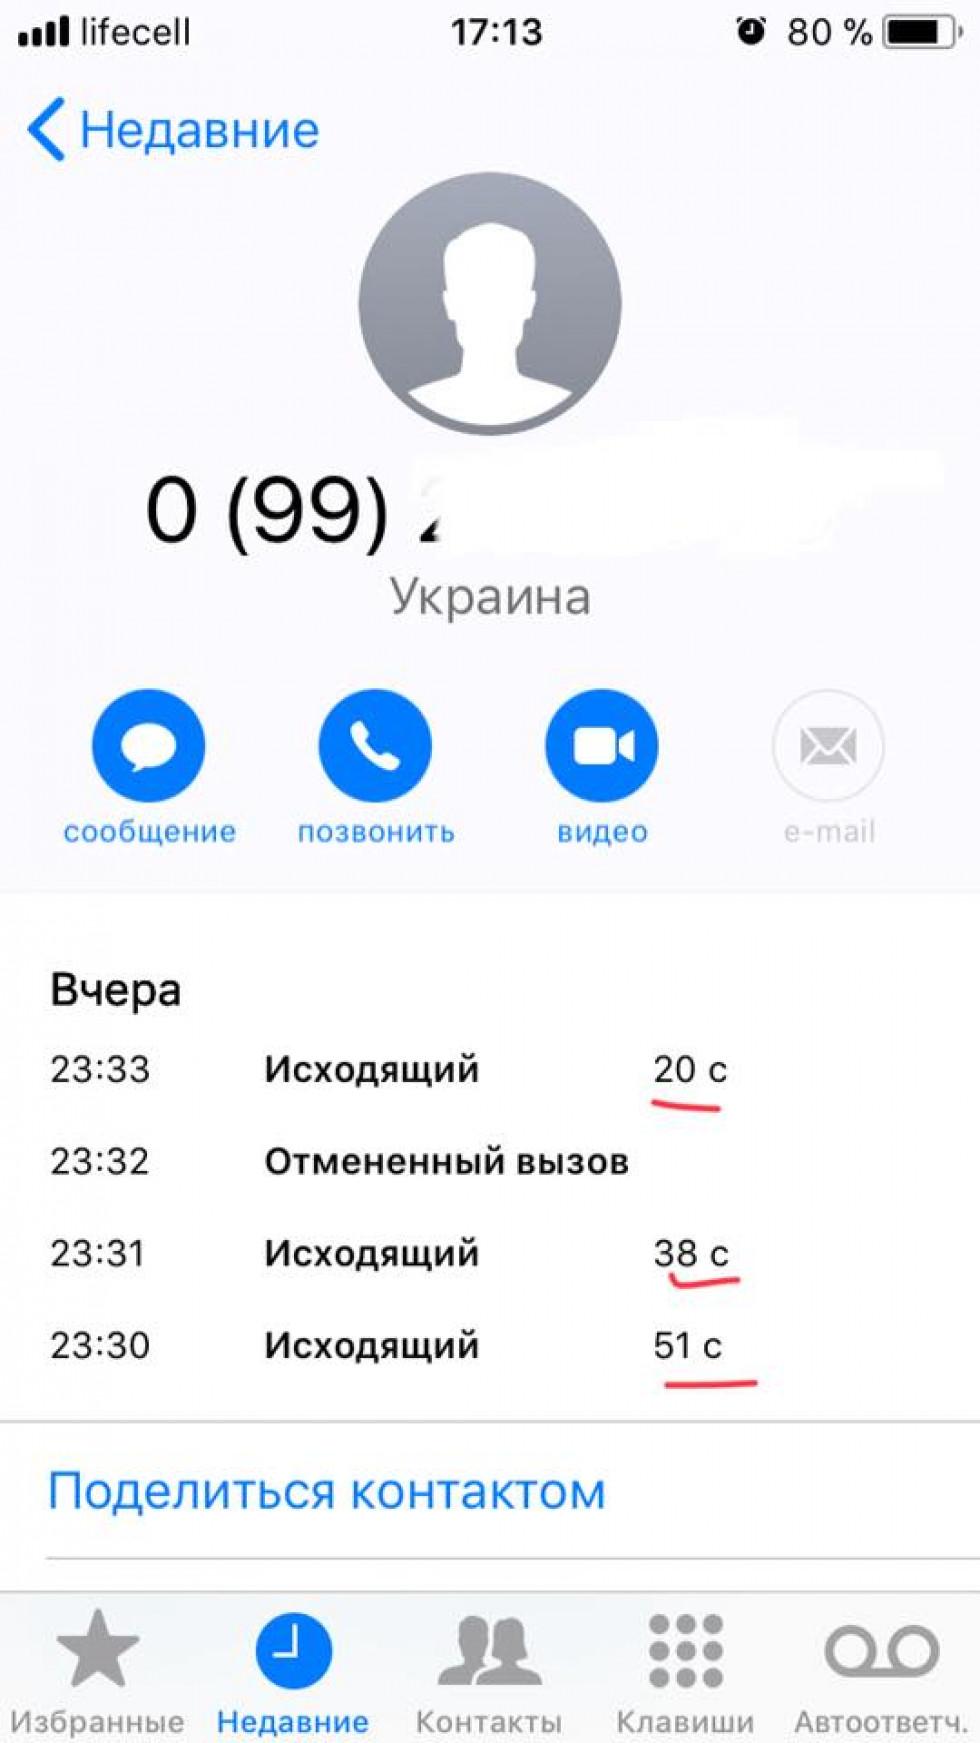 Скрін телефонних розмов